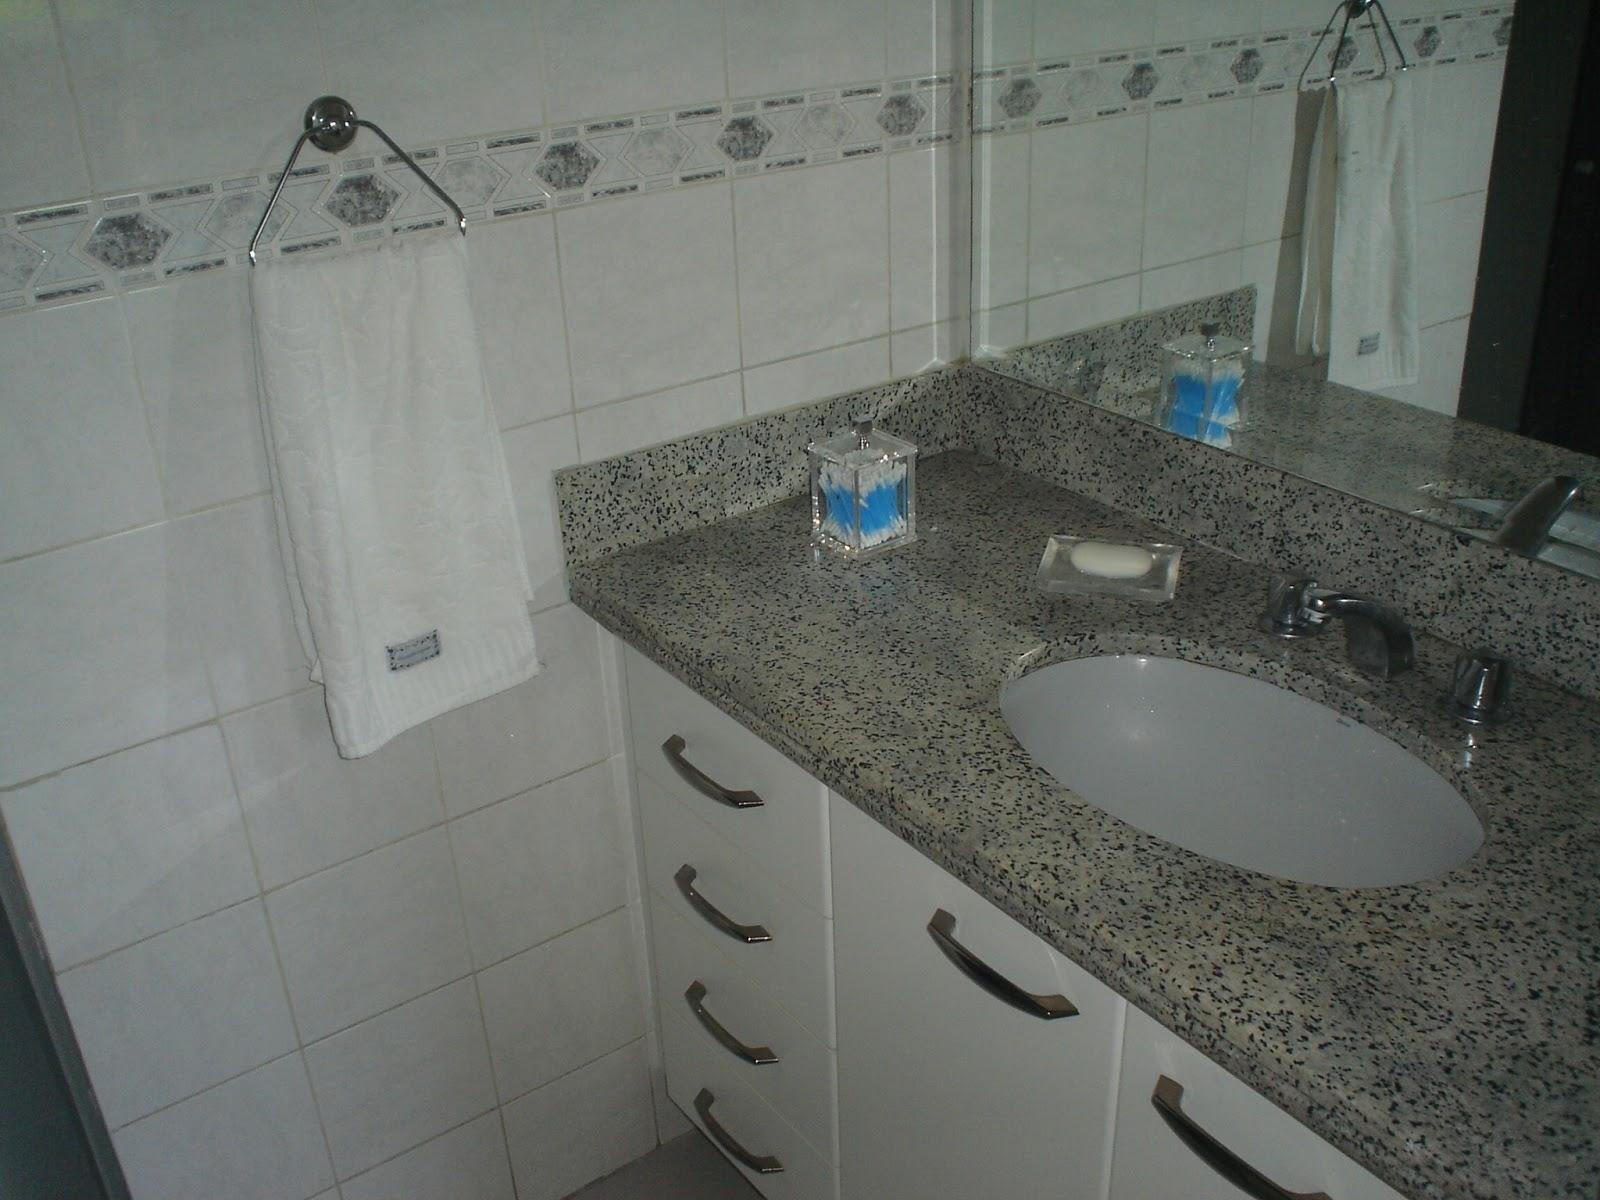 Imagens de #2974A2  Excelente Apartamento no Recreio dos Bandeirantes RJ: Outubro 2014 1600x1200 px 3514 Blindex De Banheiro Rj